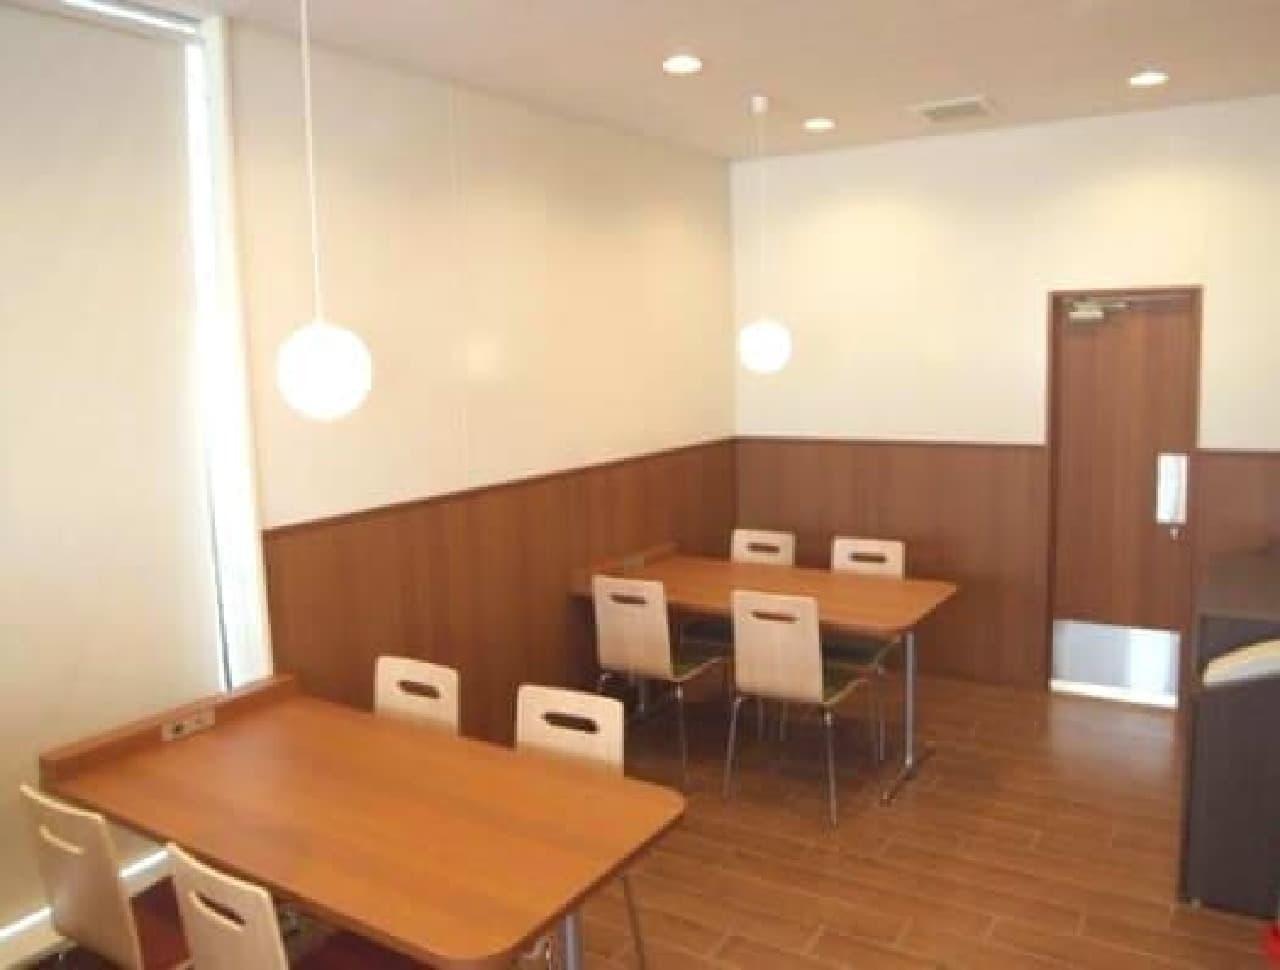 カフェのようなテーブル席のある店舗も